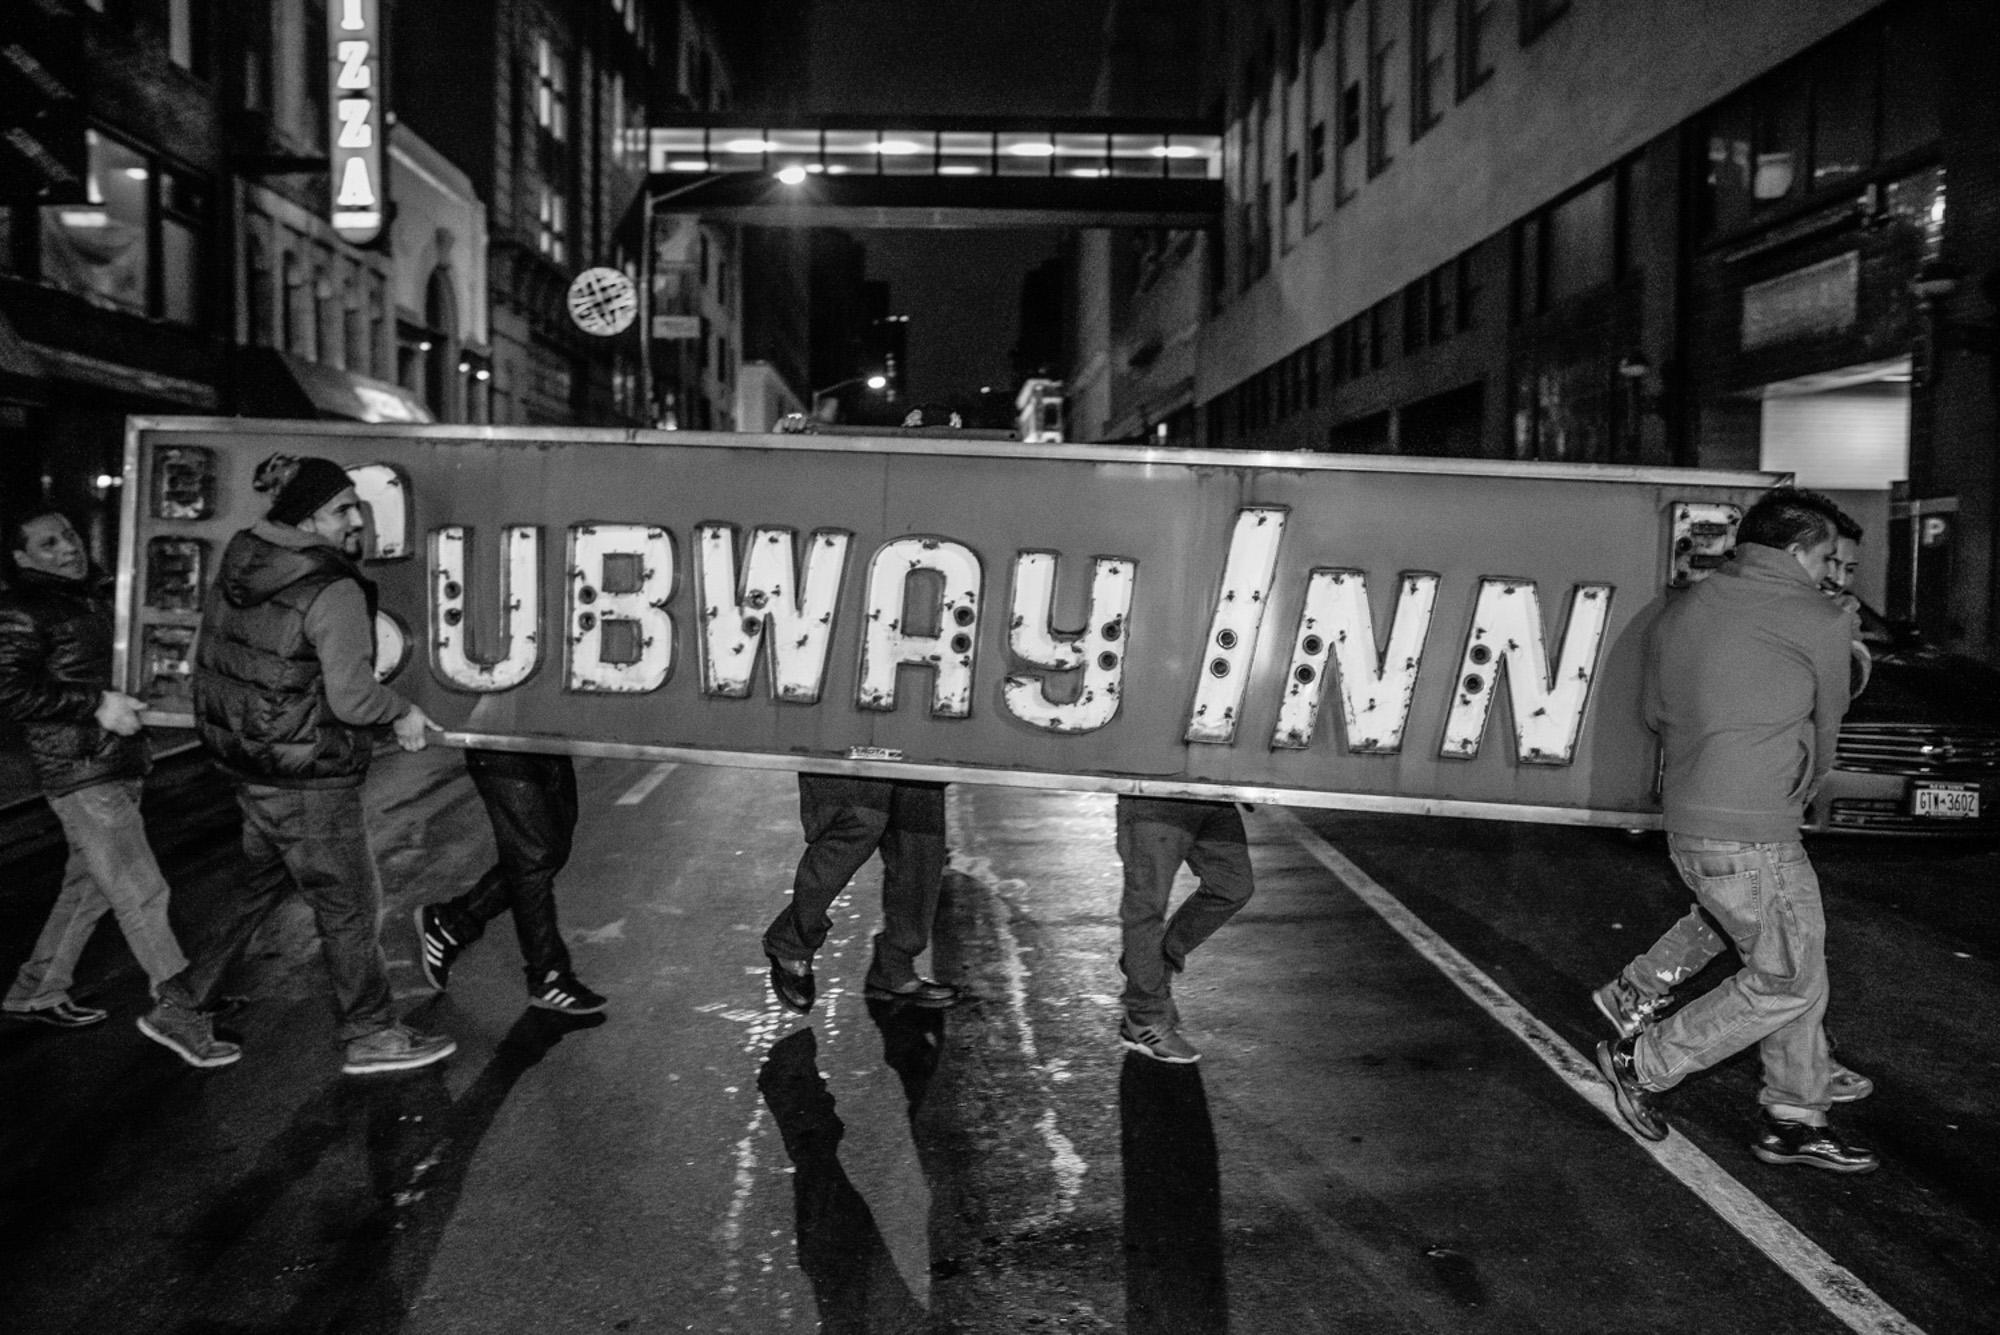 Subway_Inn_nyu_063.jpg